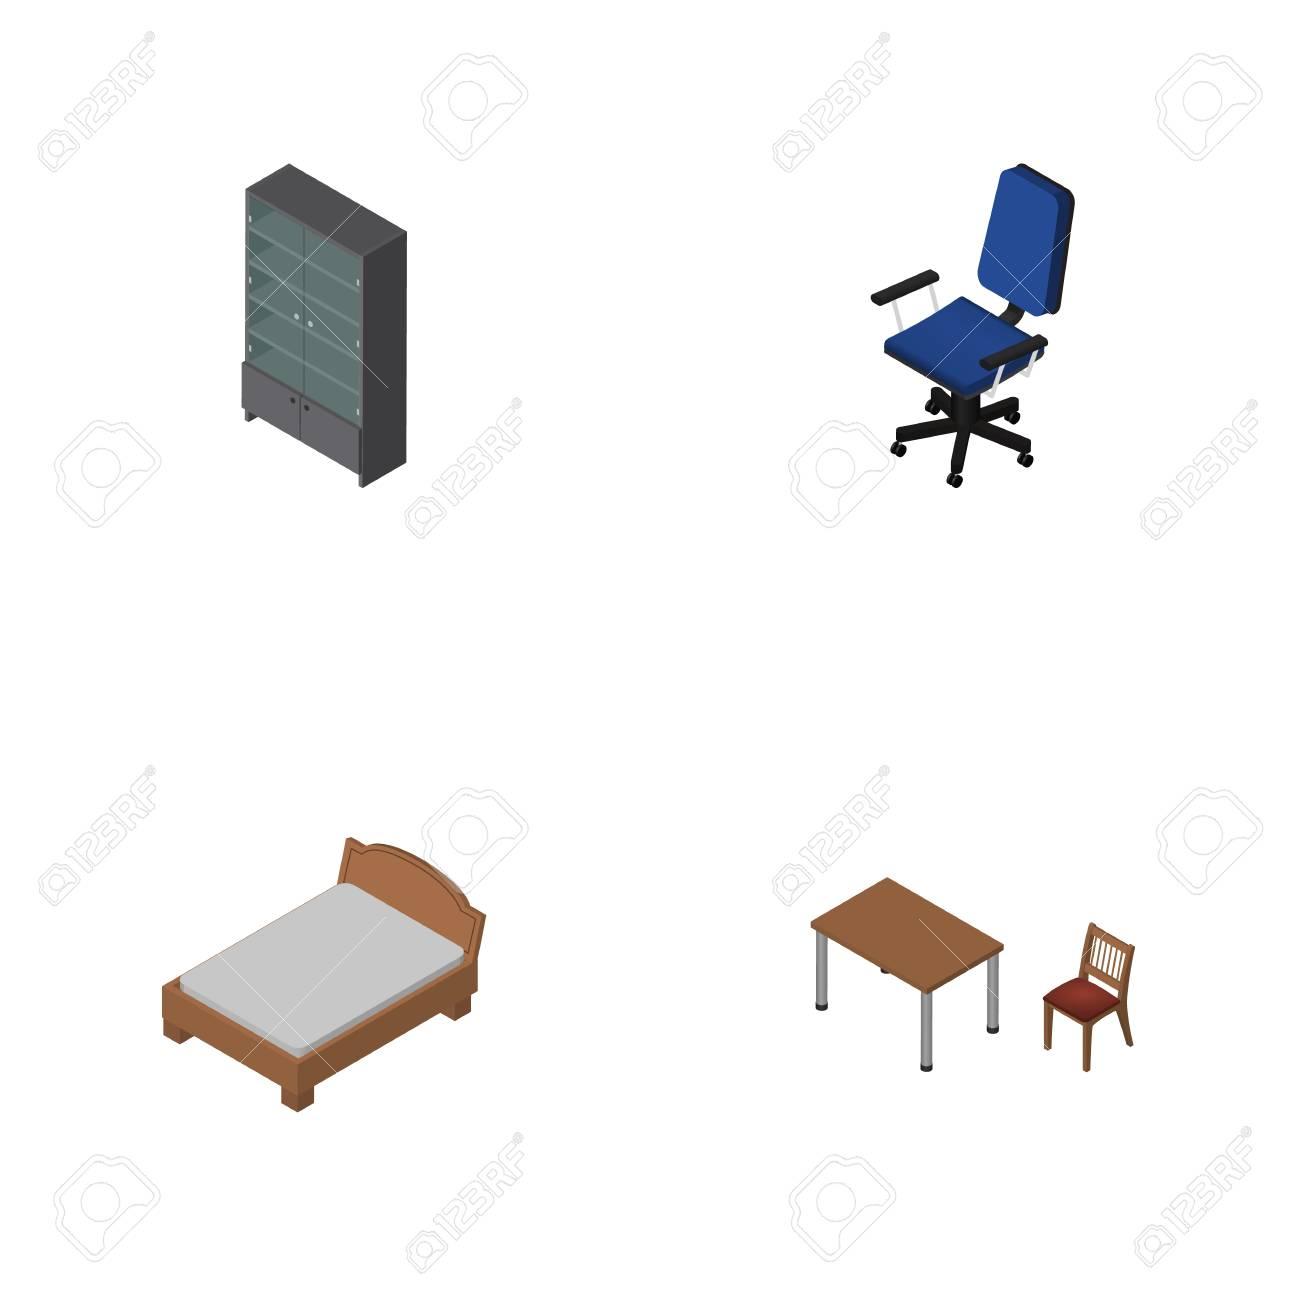 Einzigartig Anrichten Möbel Sammlung Von Isometrischer Möbel-satz Büro, Anrichten, Bettgestell Und Andere